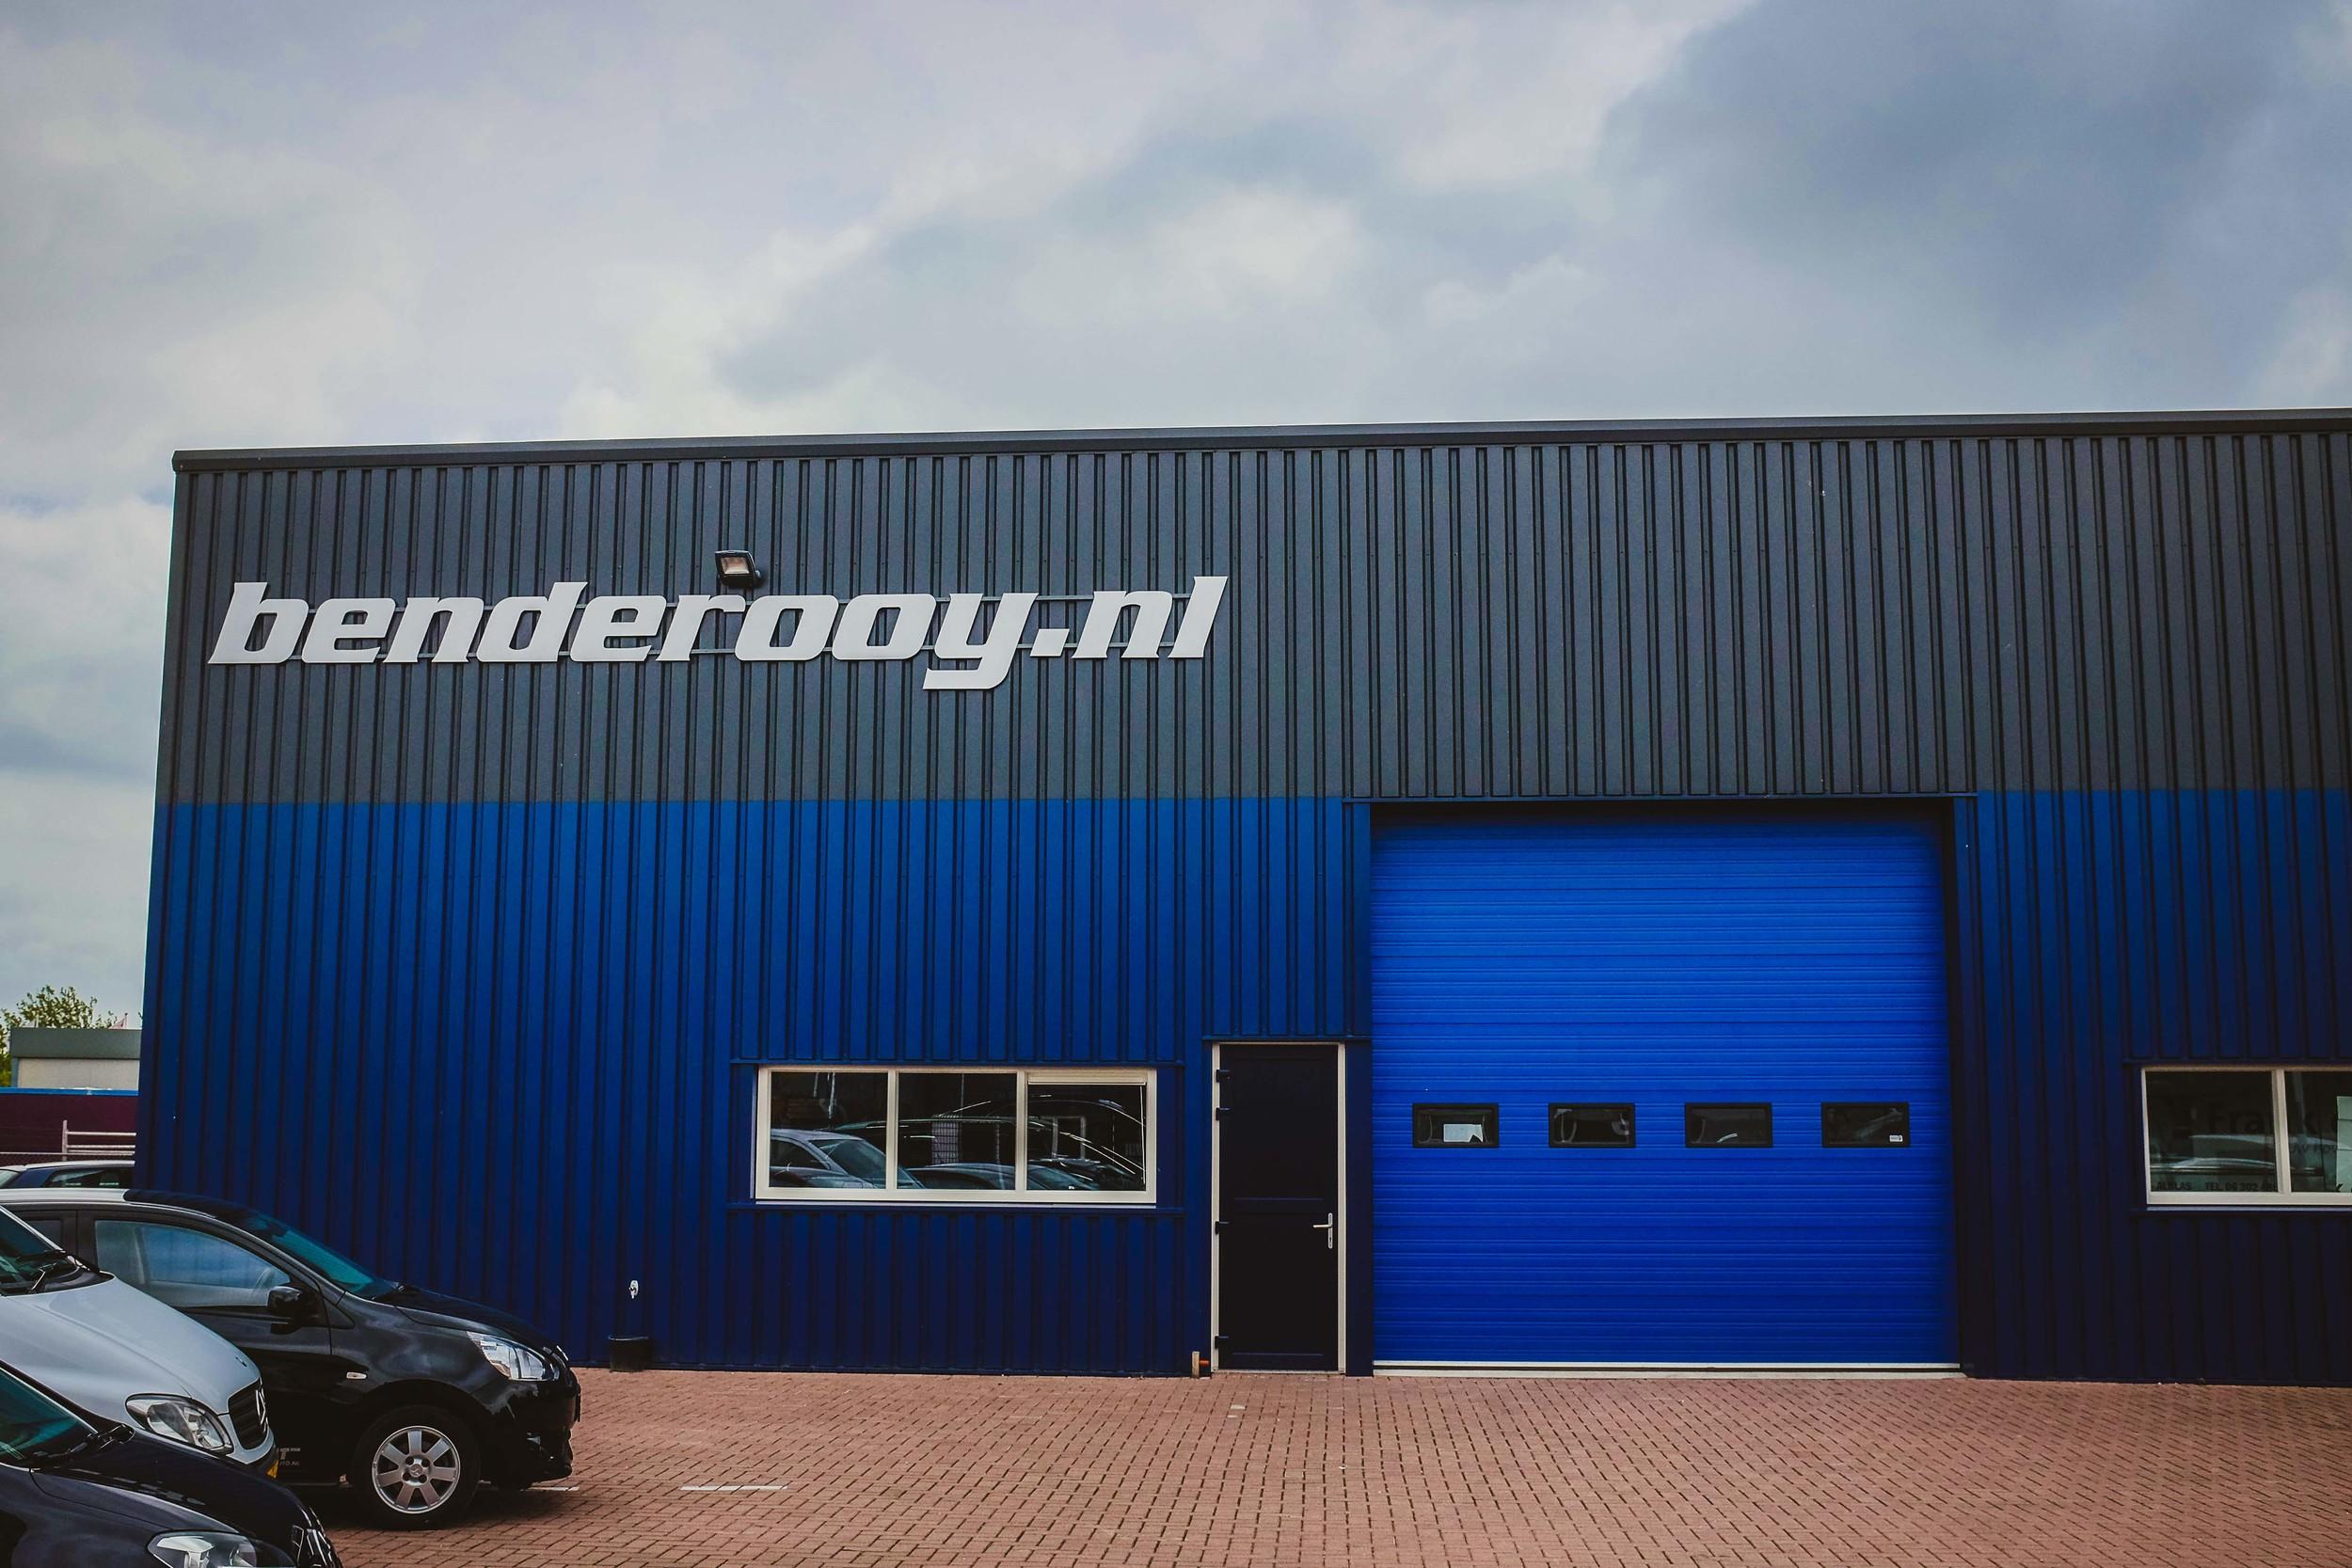 benderooy-8280.jpg